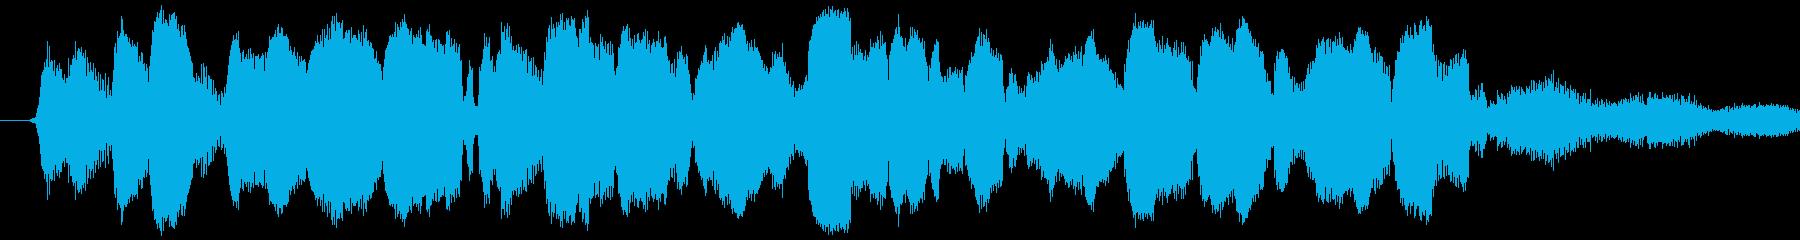 黒電話や目覚まし時計の音の、ジリリリリ…の再生済みの波形